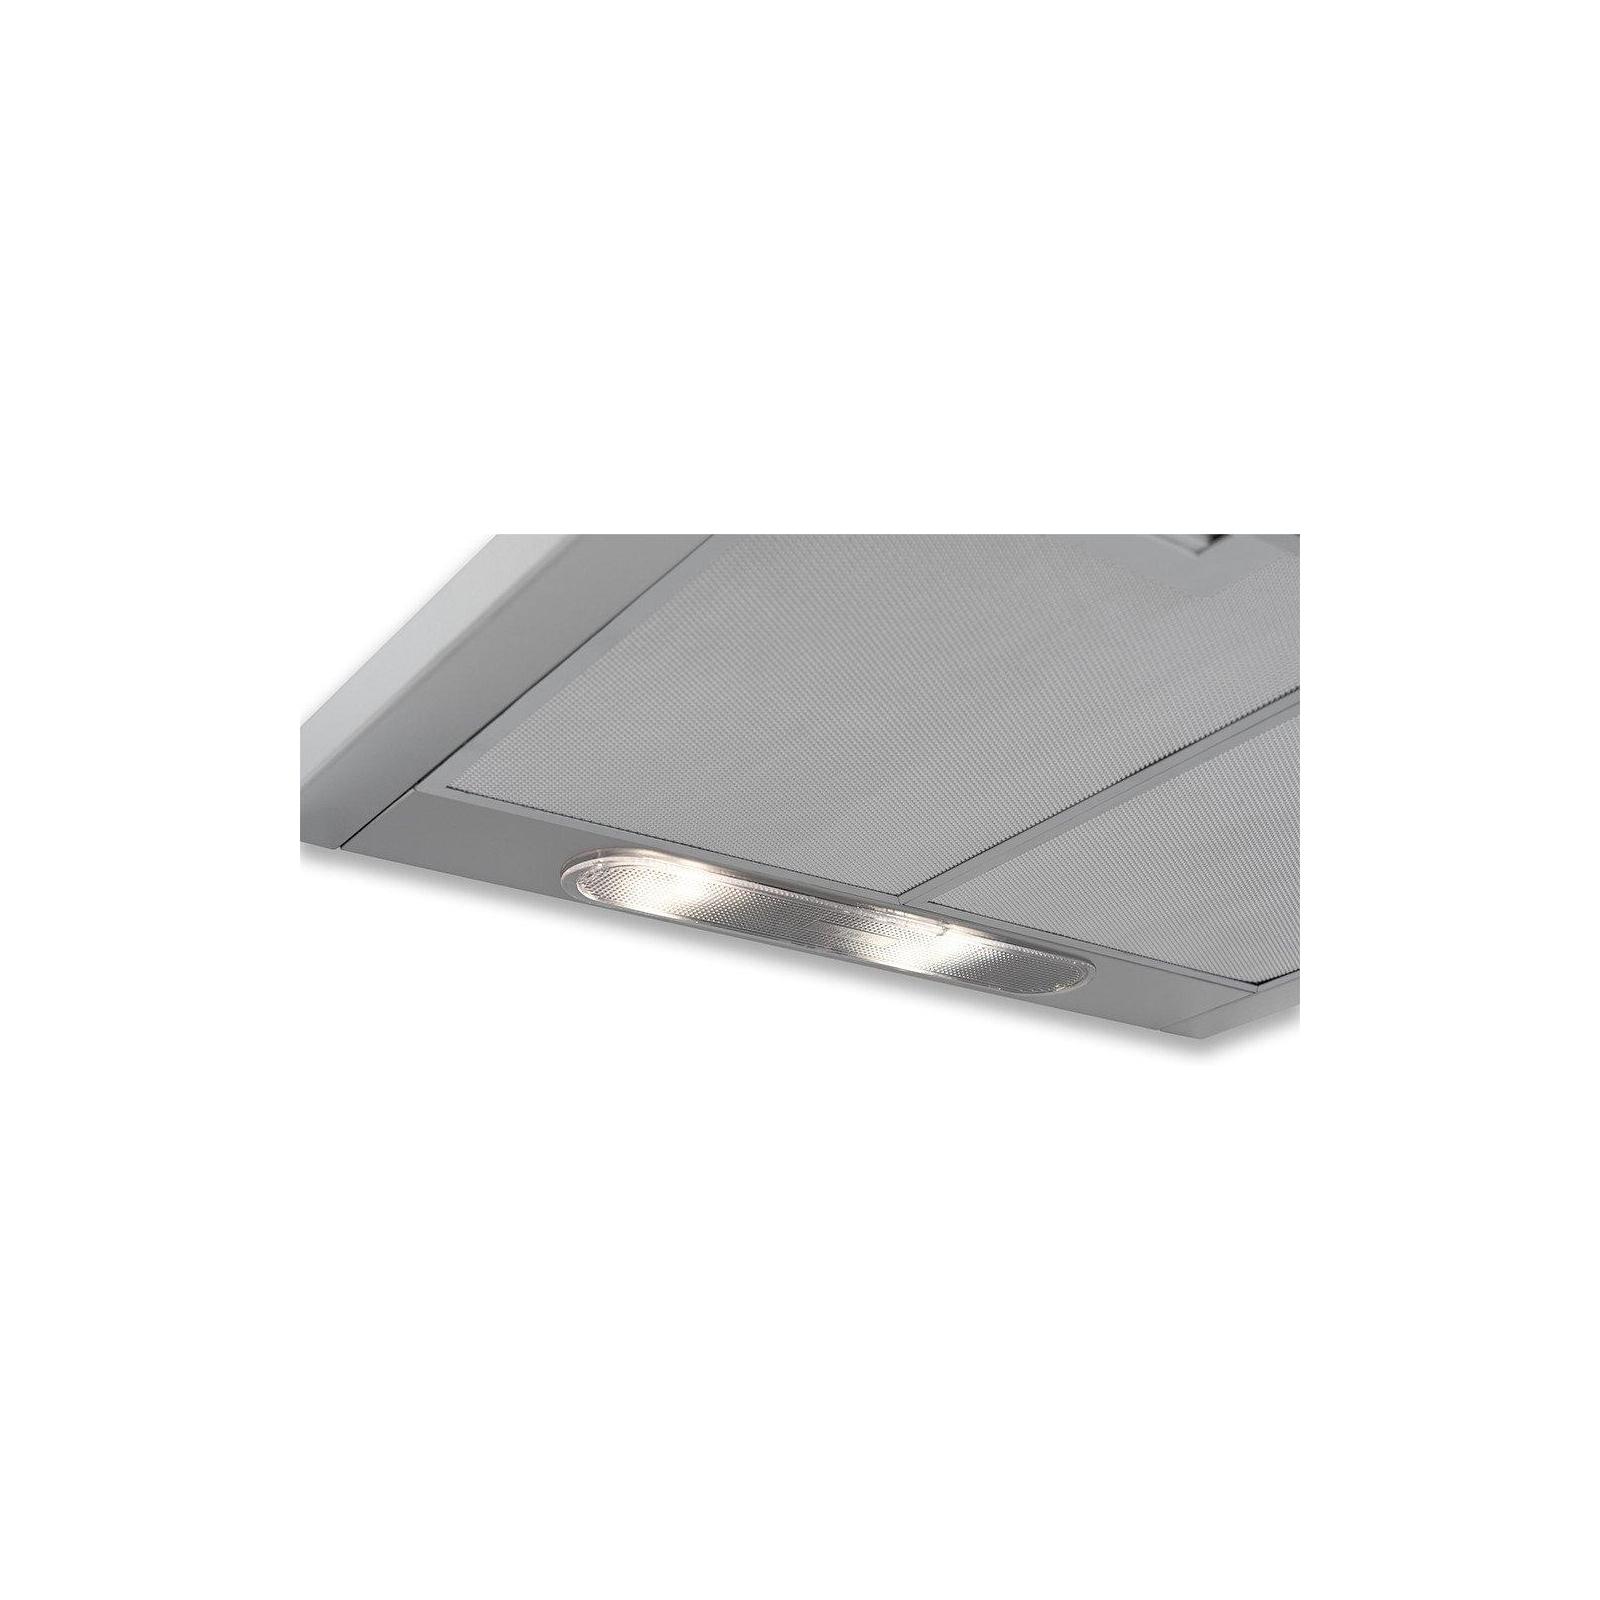 Вытяжка кухонная MINOLA HK 5210 I 650 изображение 4